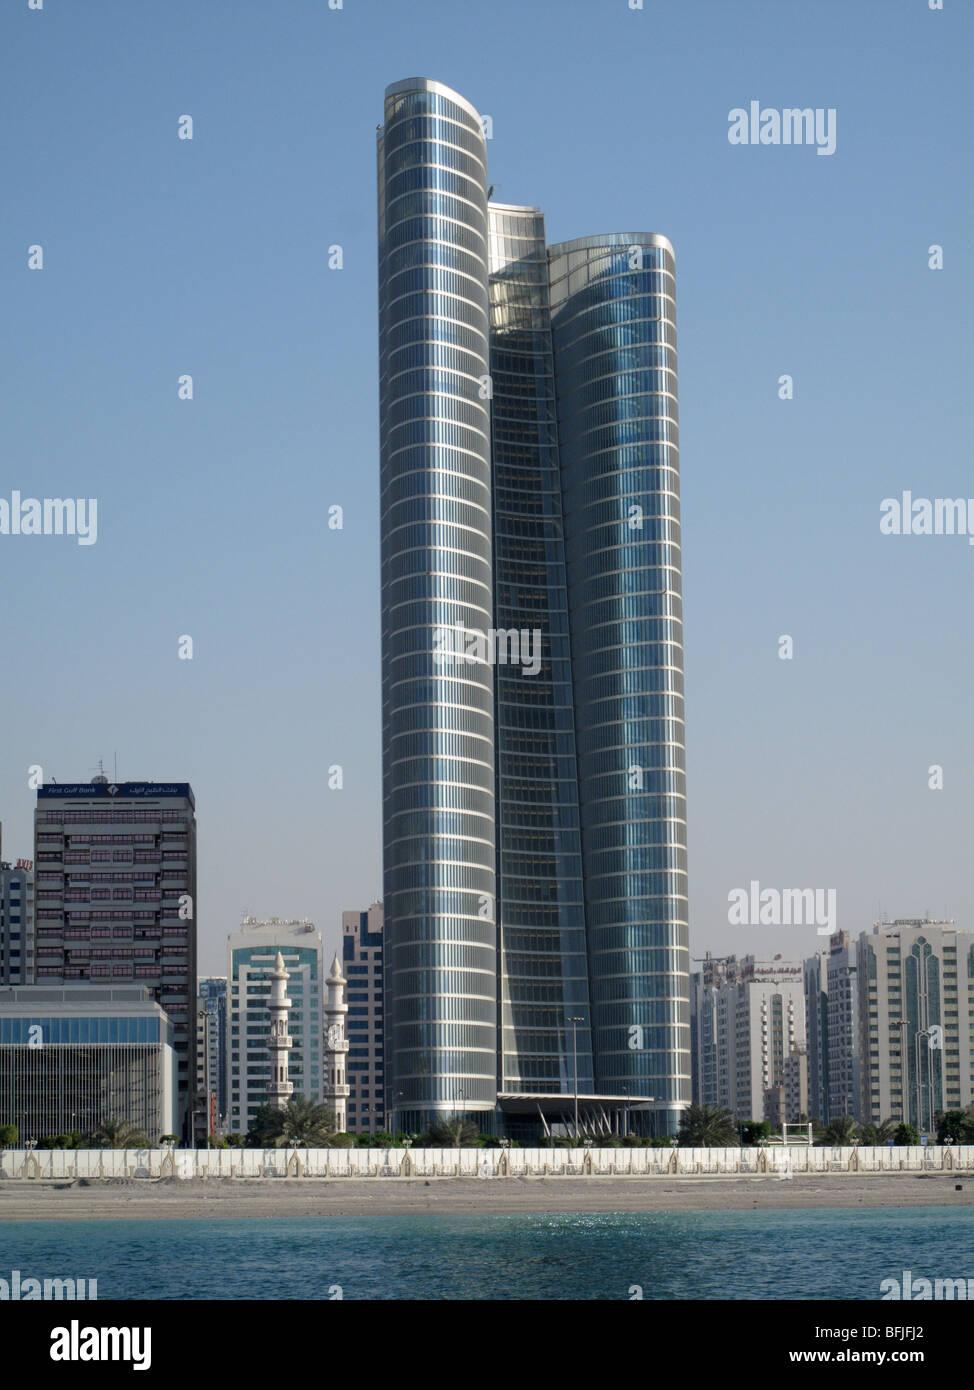 Moderne Hochhäuser auf der Strandpromenade Corniche, Abu Dhabi, Vereinigte Arabische Emirate Stockbild